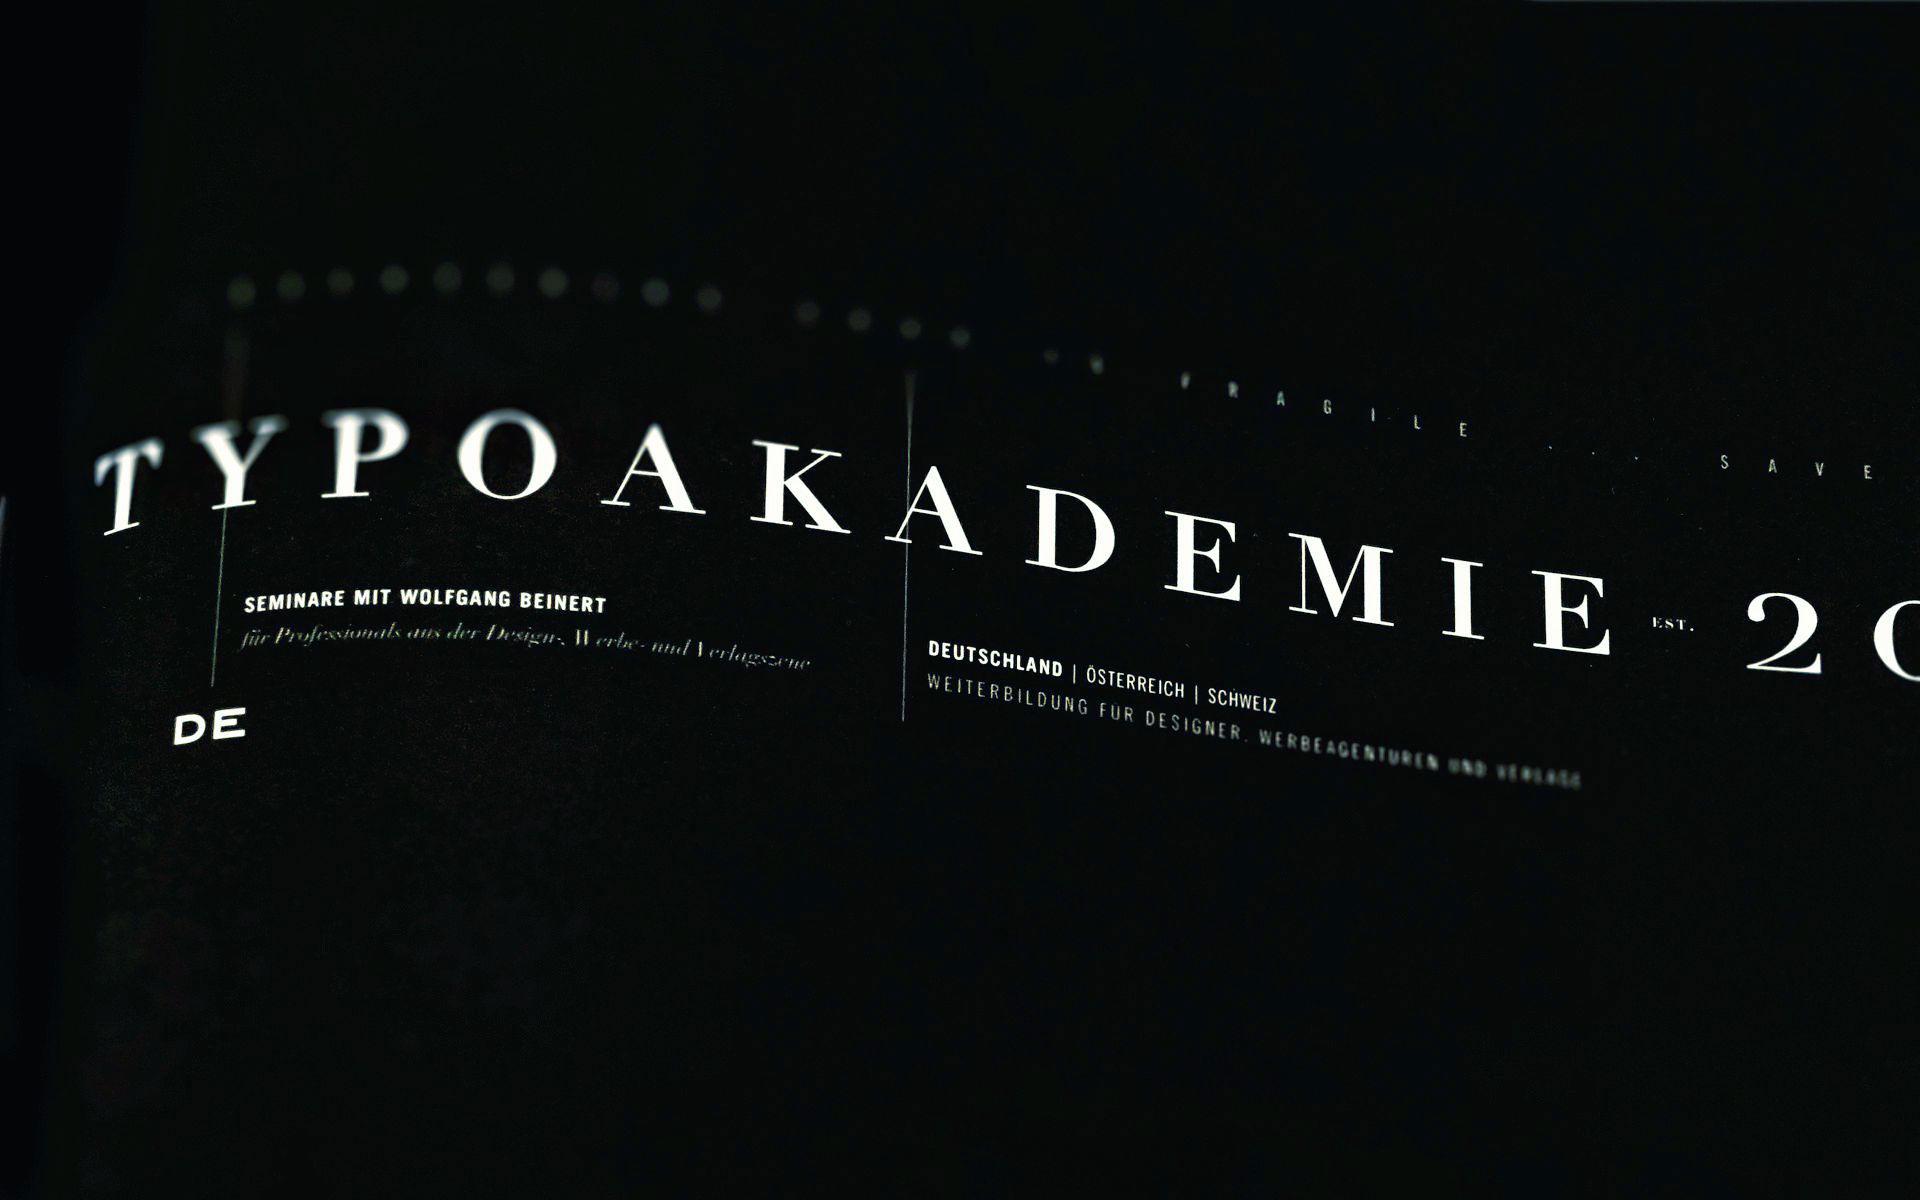 Typoakademie.de | Seminare für Professionals aus der Design-, Werbe- und Verlagszene.